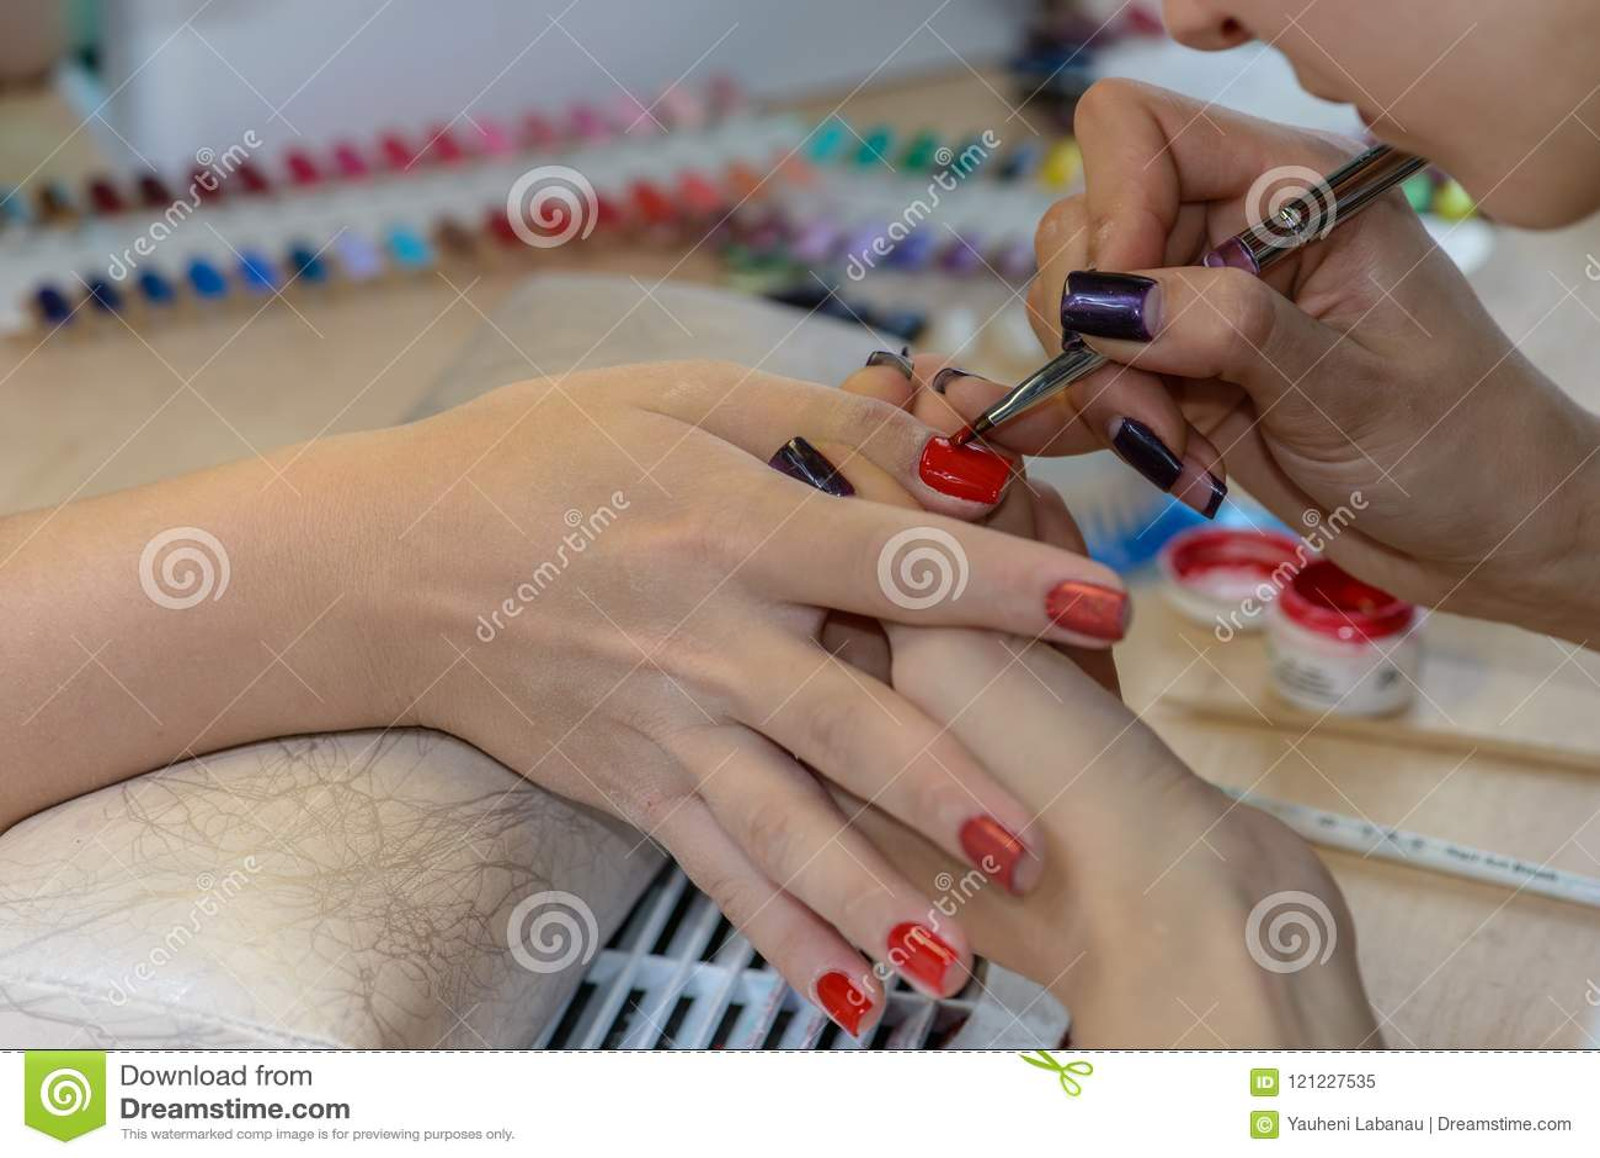 Painting Nails In Nail Salon Uv Lap Of Quick Dry Nail Polish Ma